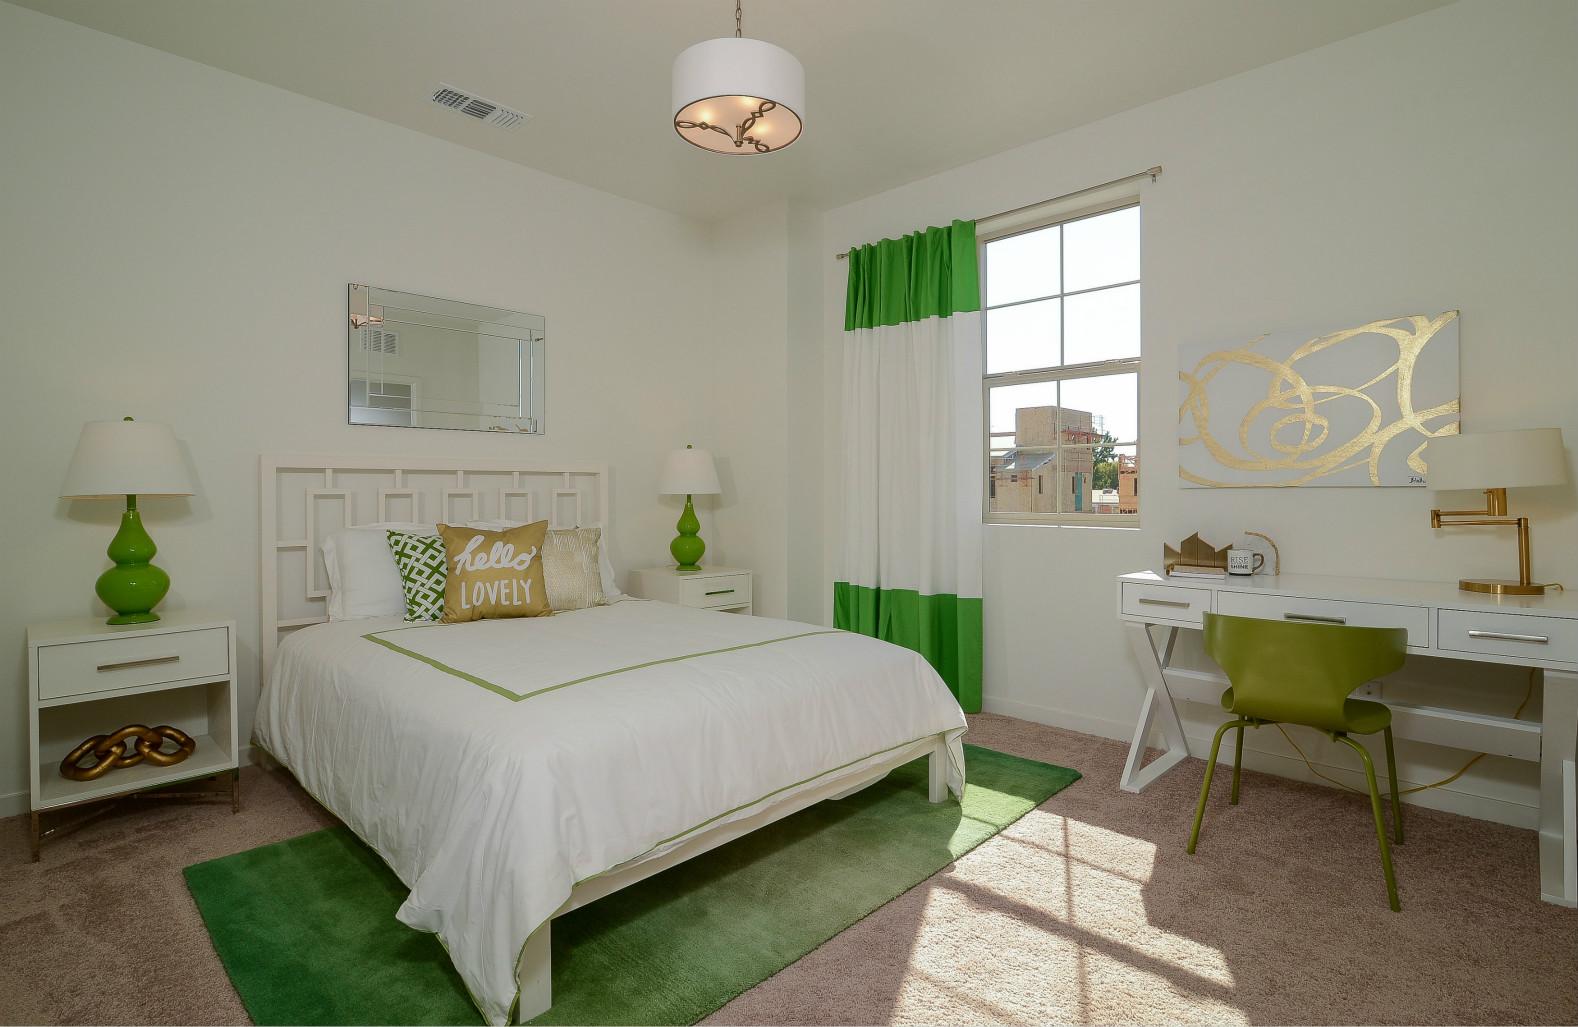 次卧窗边设计温馨,布置的比较简单,后期会把日用品逐渐补充